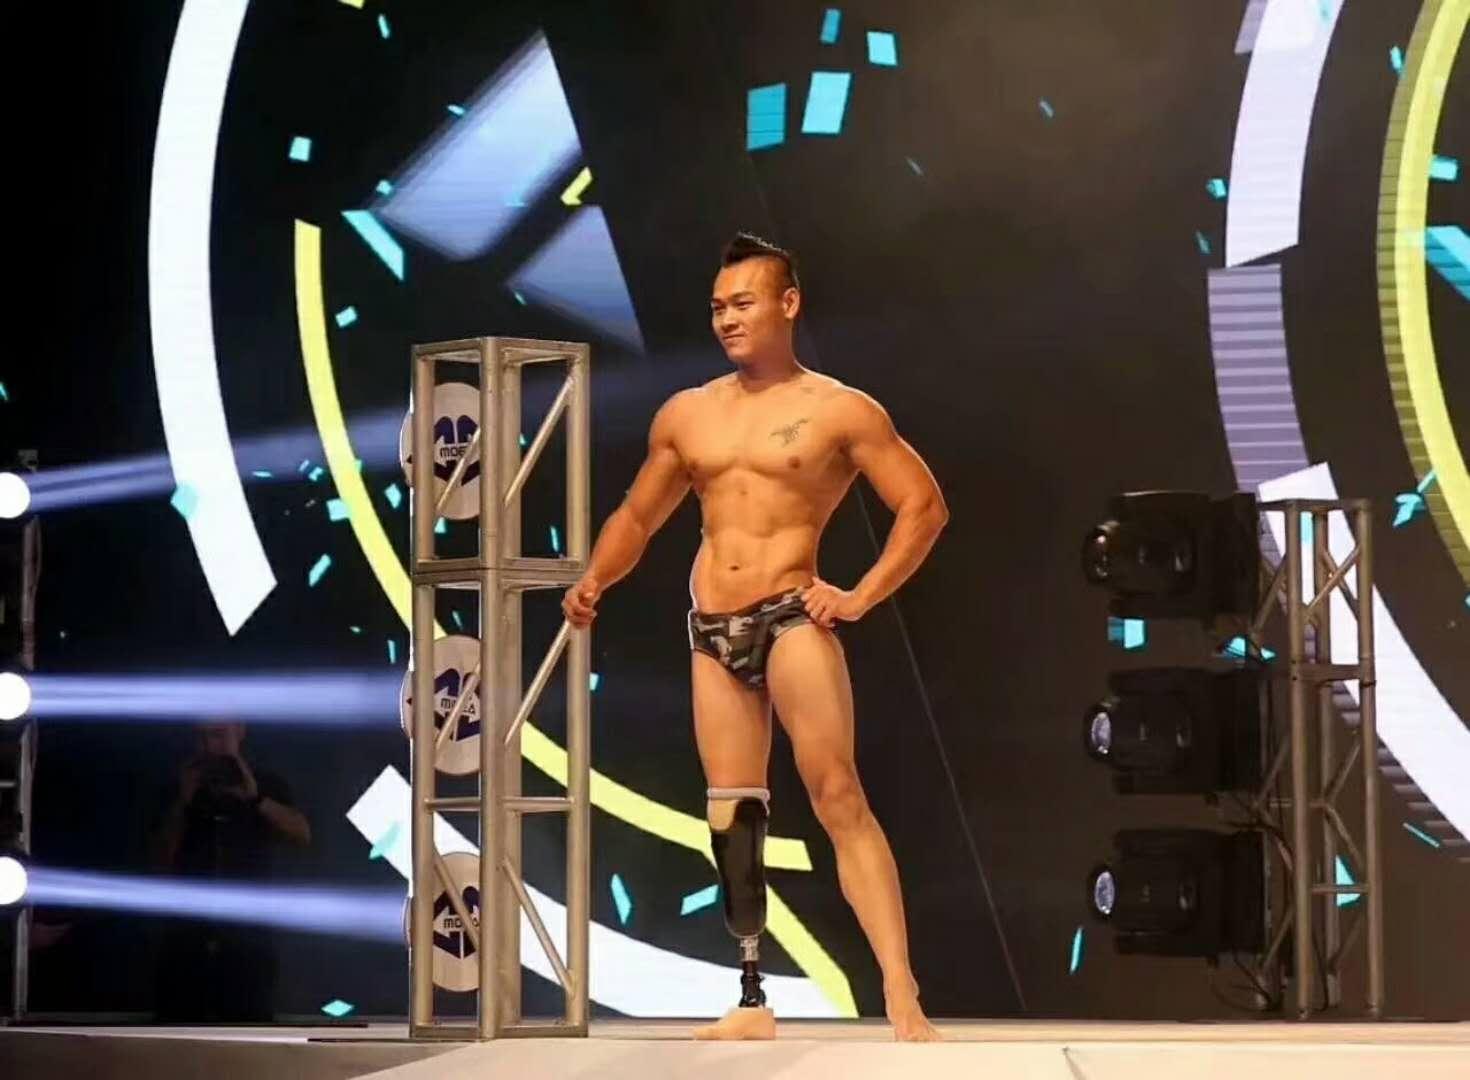 中国首位独腿小伙站上健美健身舞台 愿望是给父母买上一套房 | 体育人的一天(9)